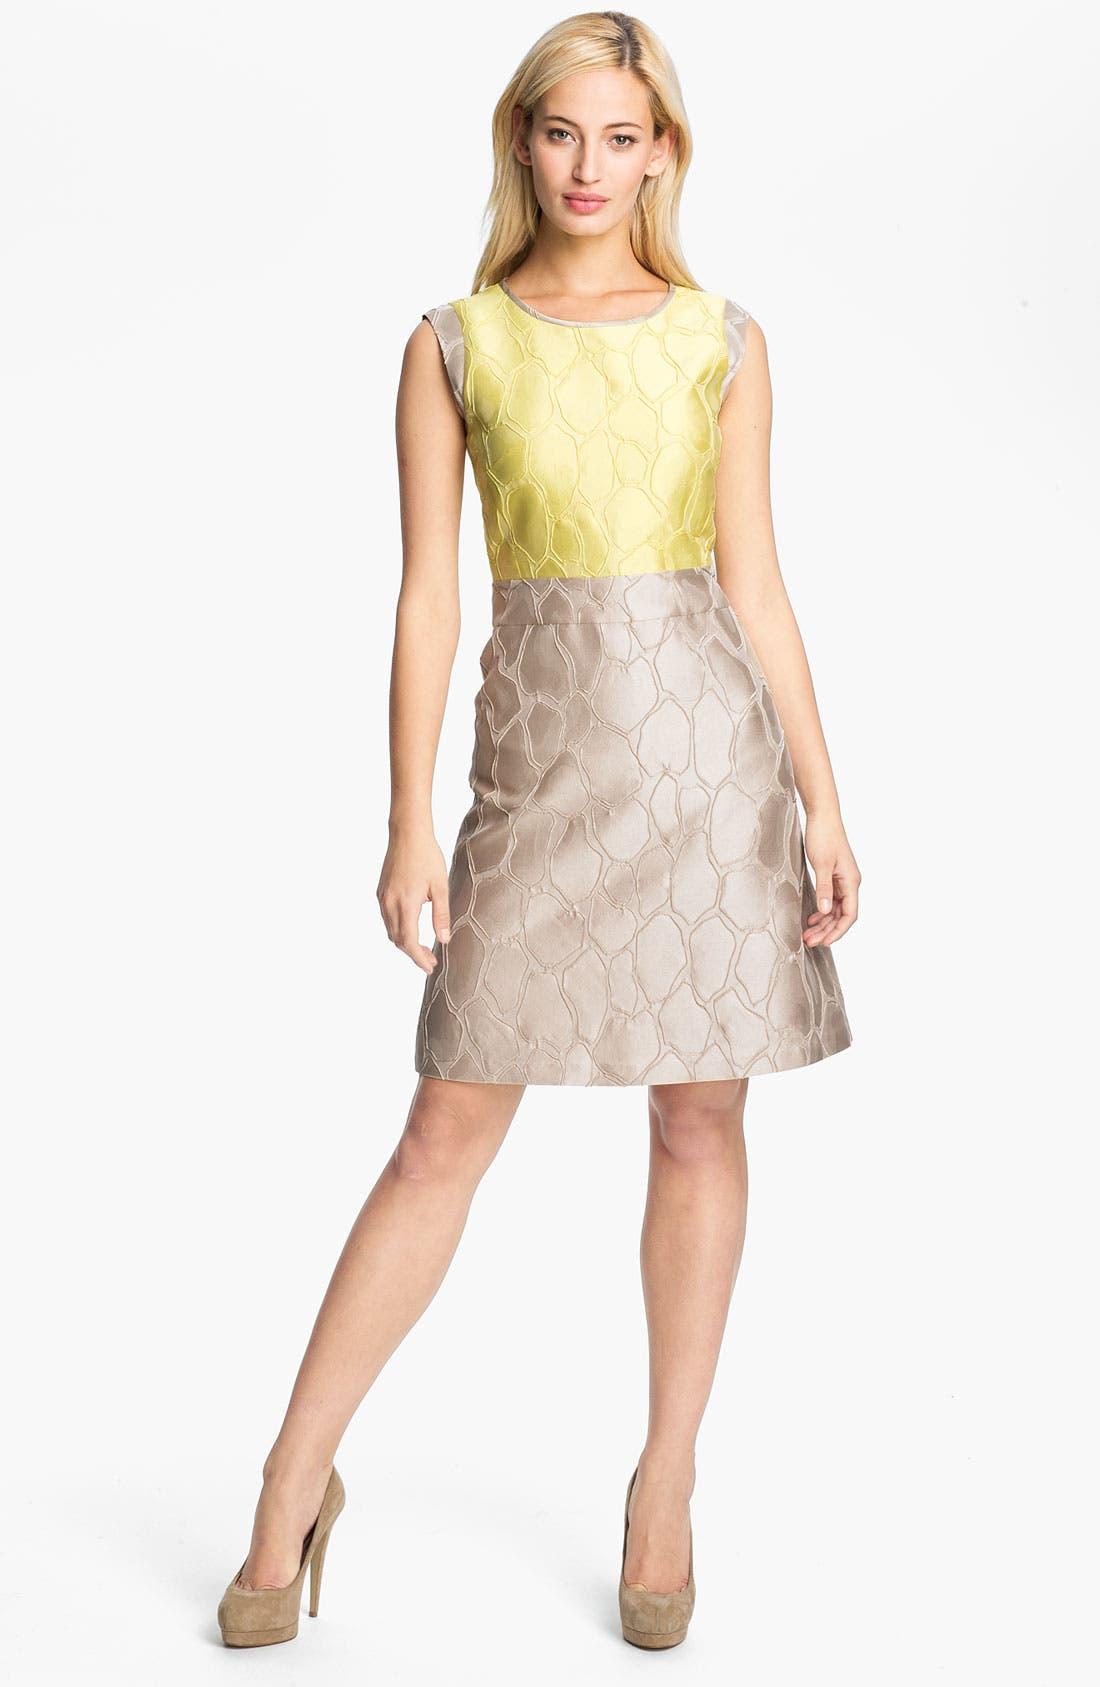 Alternate Image 1 Selected - Lafayette 148 New York 'Elle' Giraffe Jacquard Dress